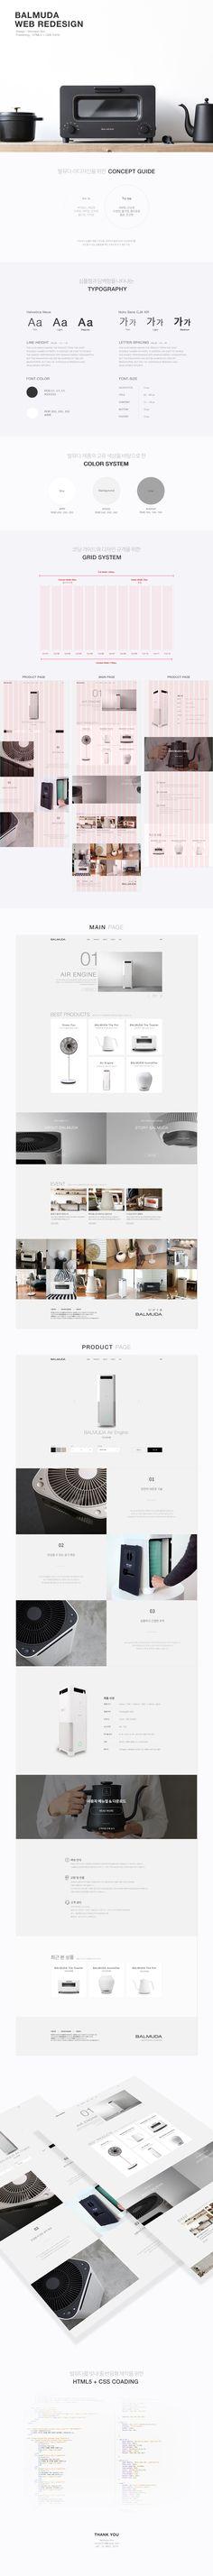 리메인 (remain) 수강생 웹 디자인 포트폴리오. / UX, UI, design, bx, mricro site, mricrosite, 웹 디자인, 웹 포트폴리오, 마이크로 사이트, 쇼핑몰 디자인, 기업 사이트 / 리메인 작품은 모두 수강생 작품 입니다.  www.remain.co.kr Web Portfolio, Portfolio Layout, Portfolio Design, Web Design, App Ui Design, Page Design, Web Layout, Layout Design, Ppt Template Design